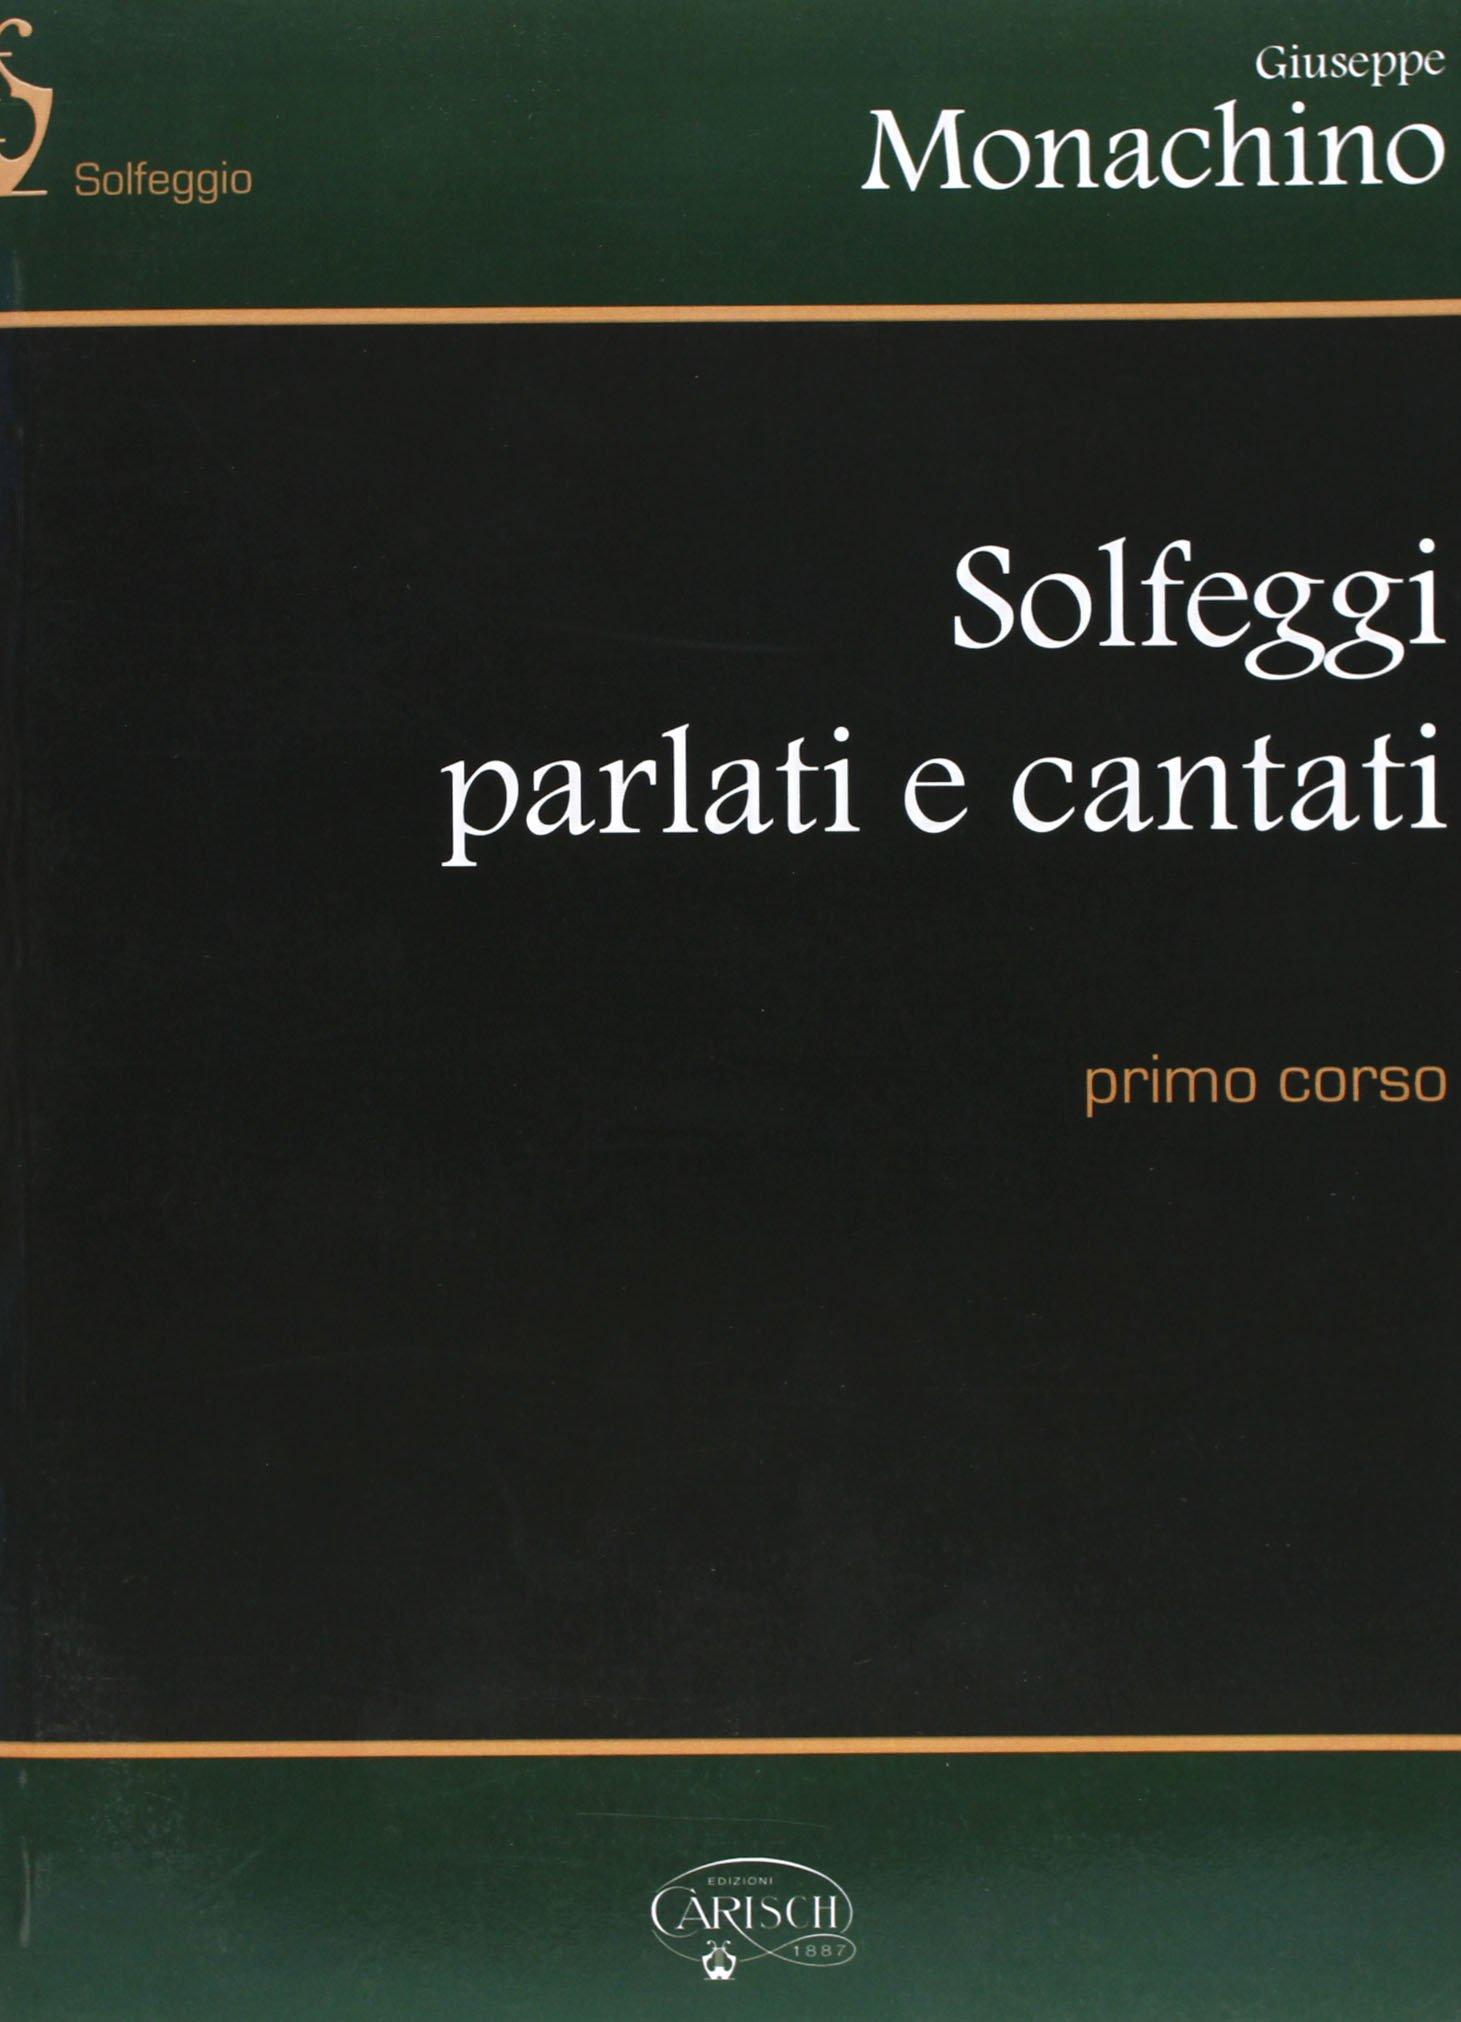 Solfeggi parlati e cantati. Primo corso Copertina flessibile – 1 gen 1990 Giuseppe Monachino Carisch 8872071674 Altra non illustrata